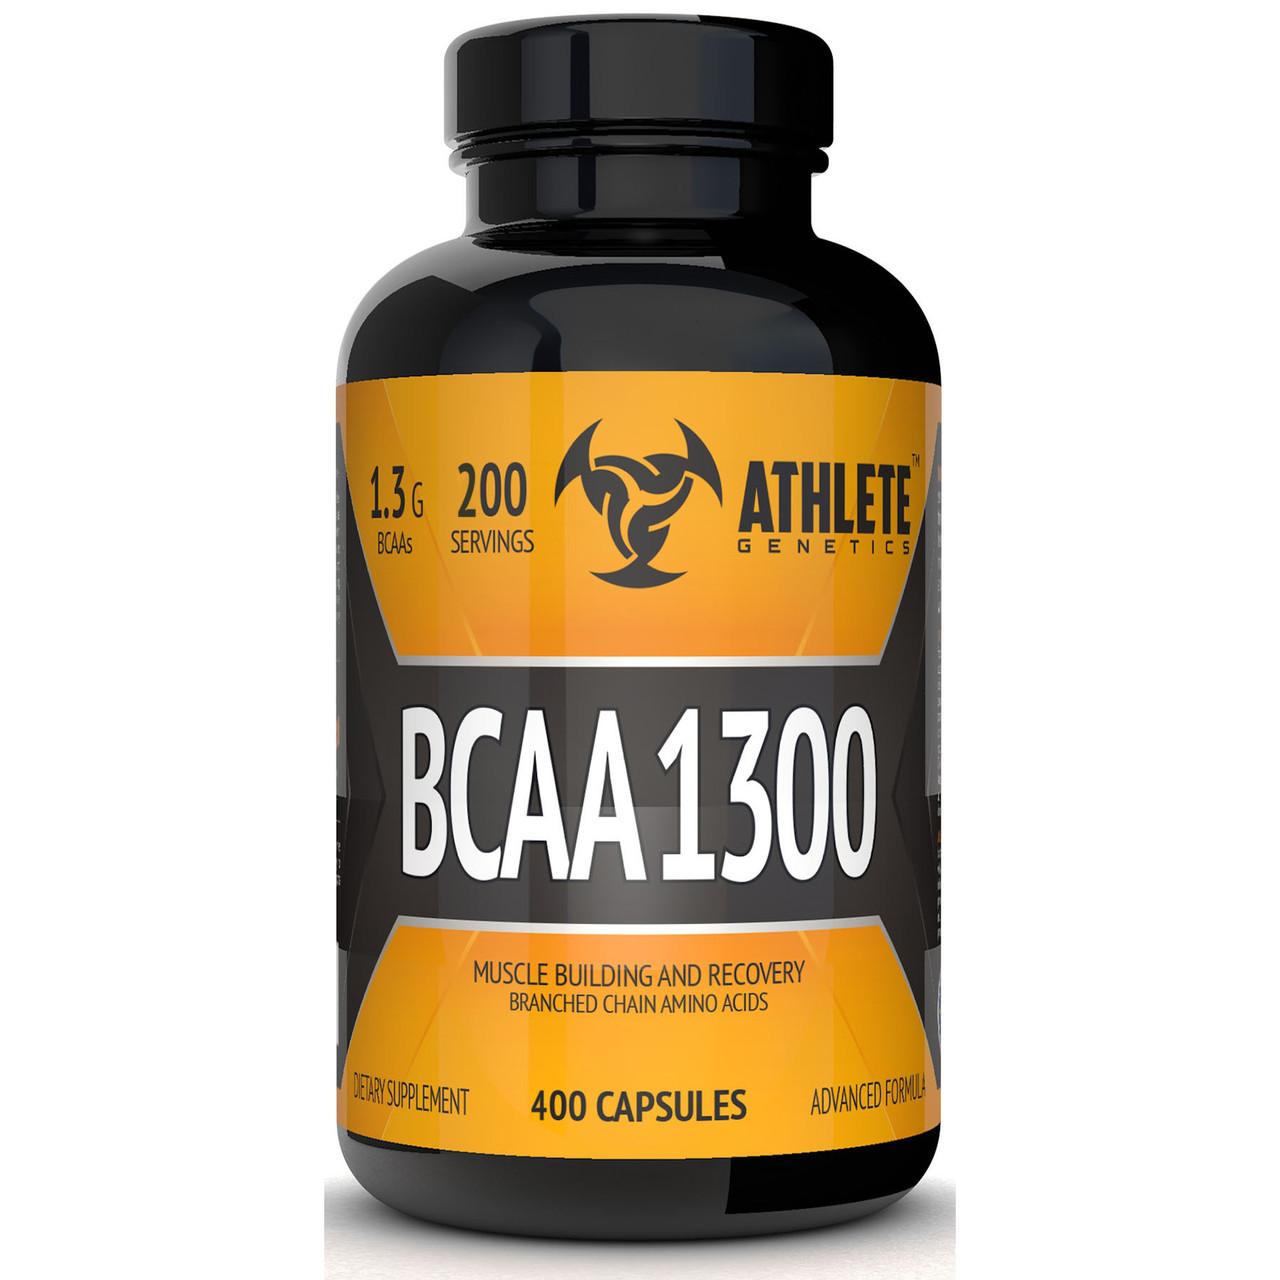 BCAA аминокислоты Athlete Genetics BCAA 1300 (400 капсул)